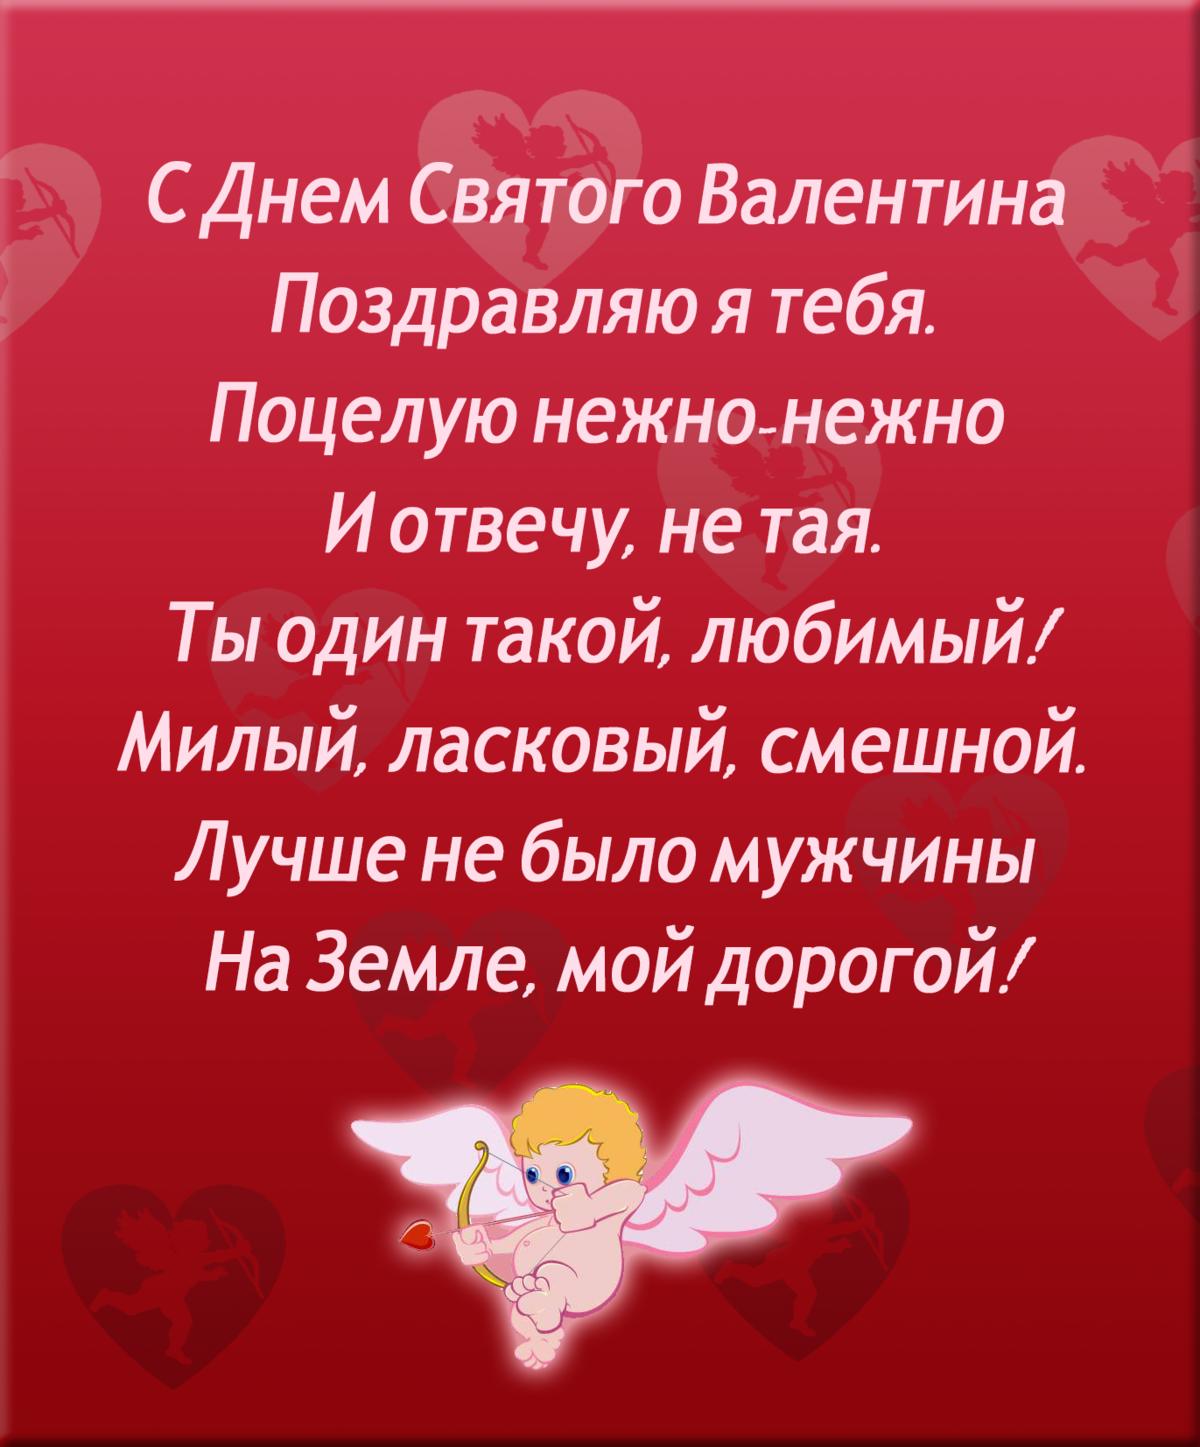 поздравления с днем святого валентина для любимого мужа роль